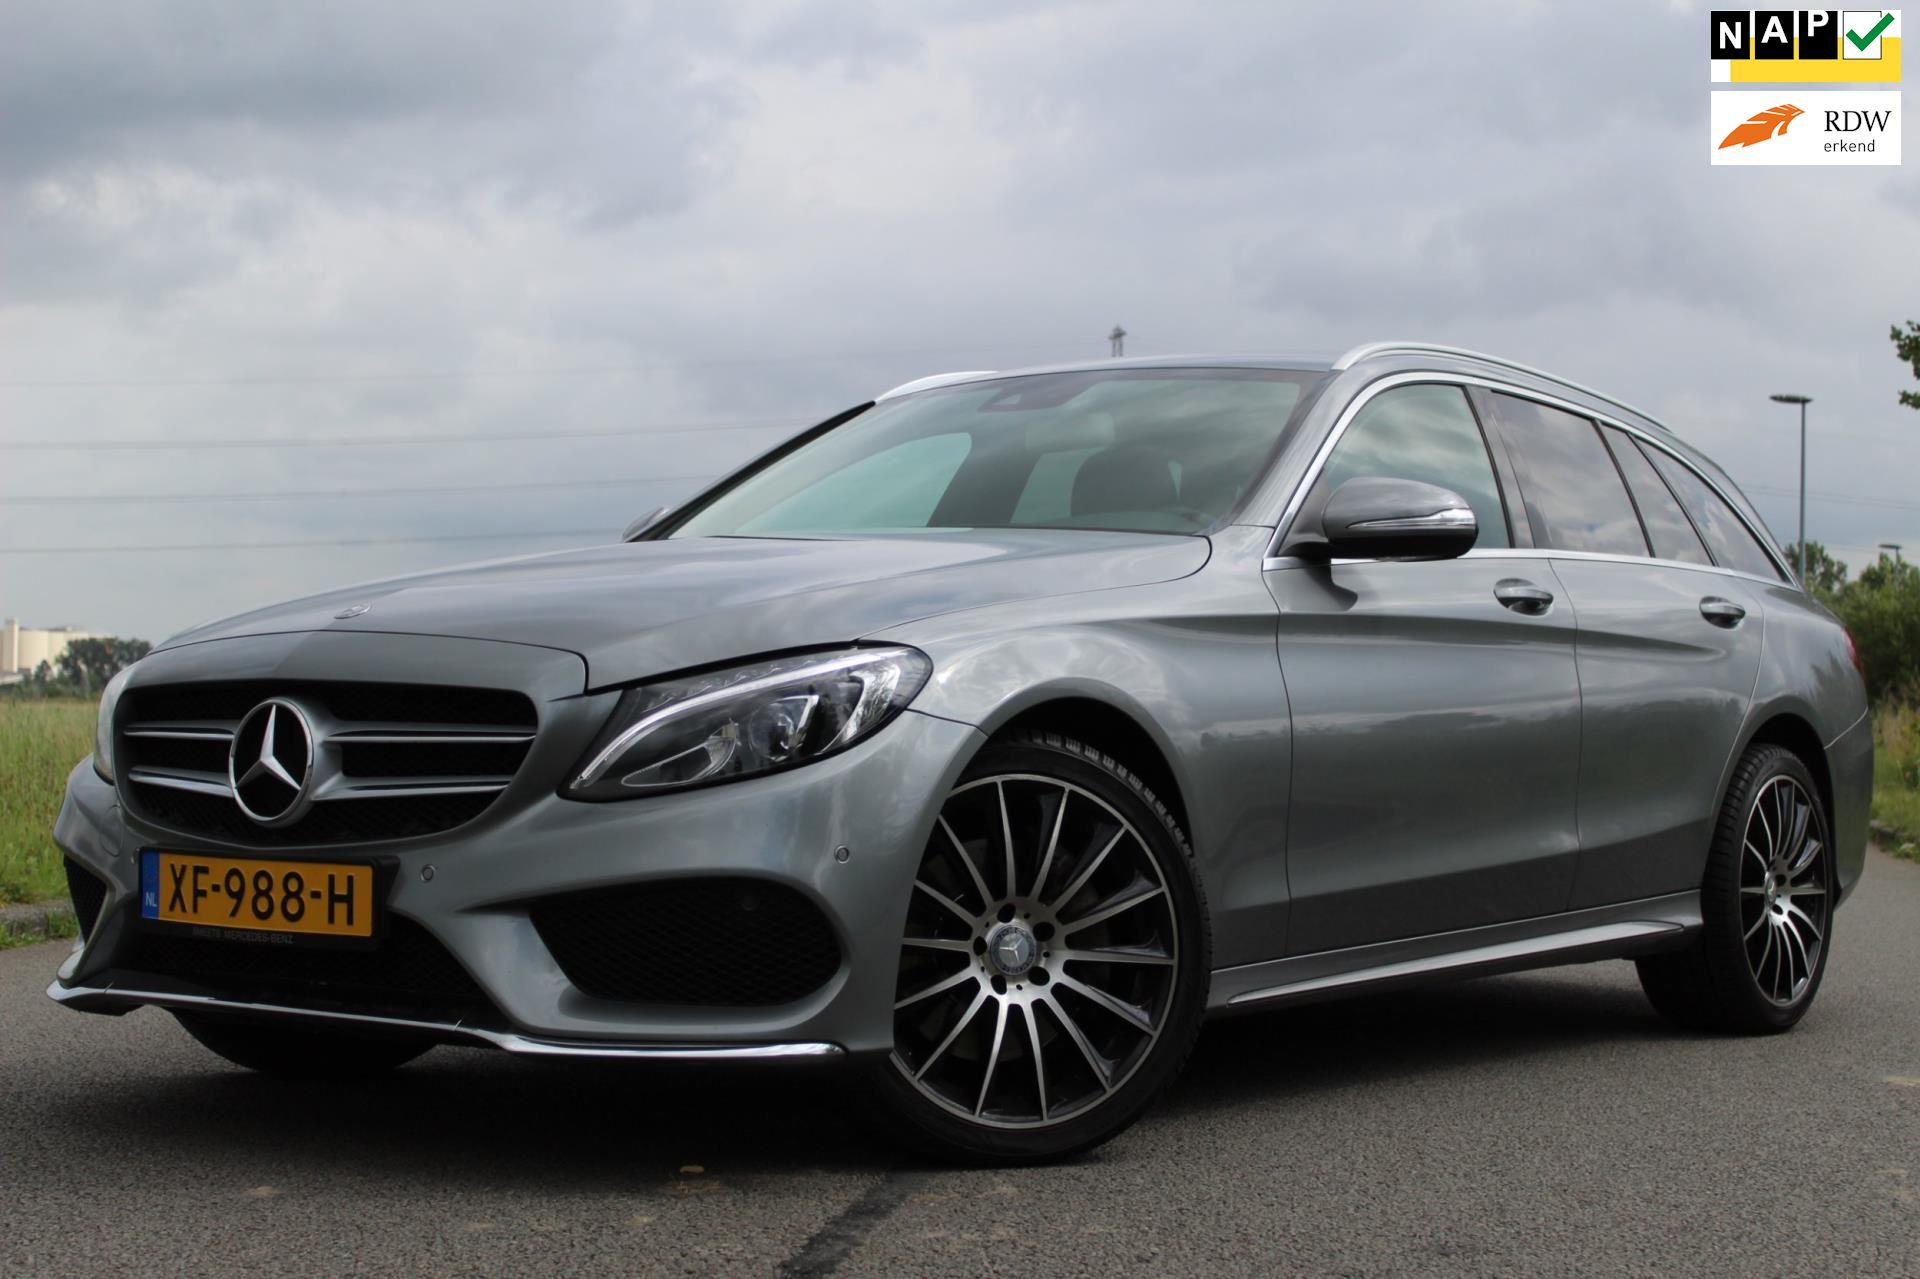 Mercedes-Benz C-klasse Estate occasion - Autobedrijf Simmeren & Veenstra